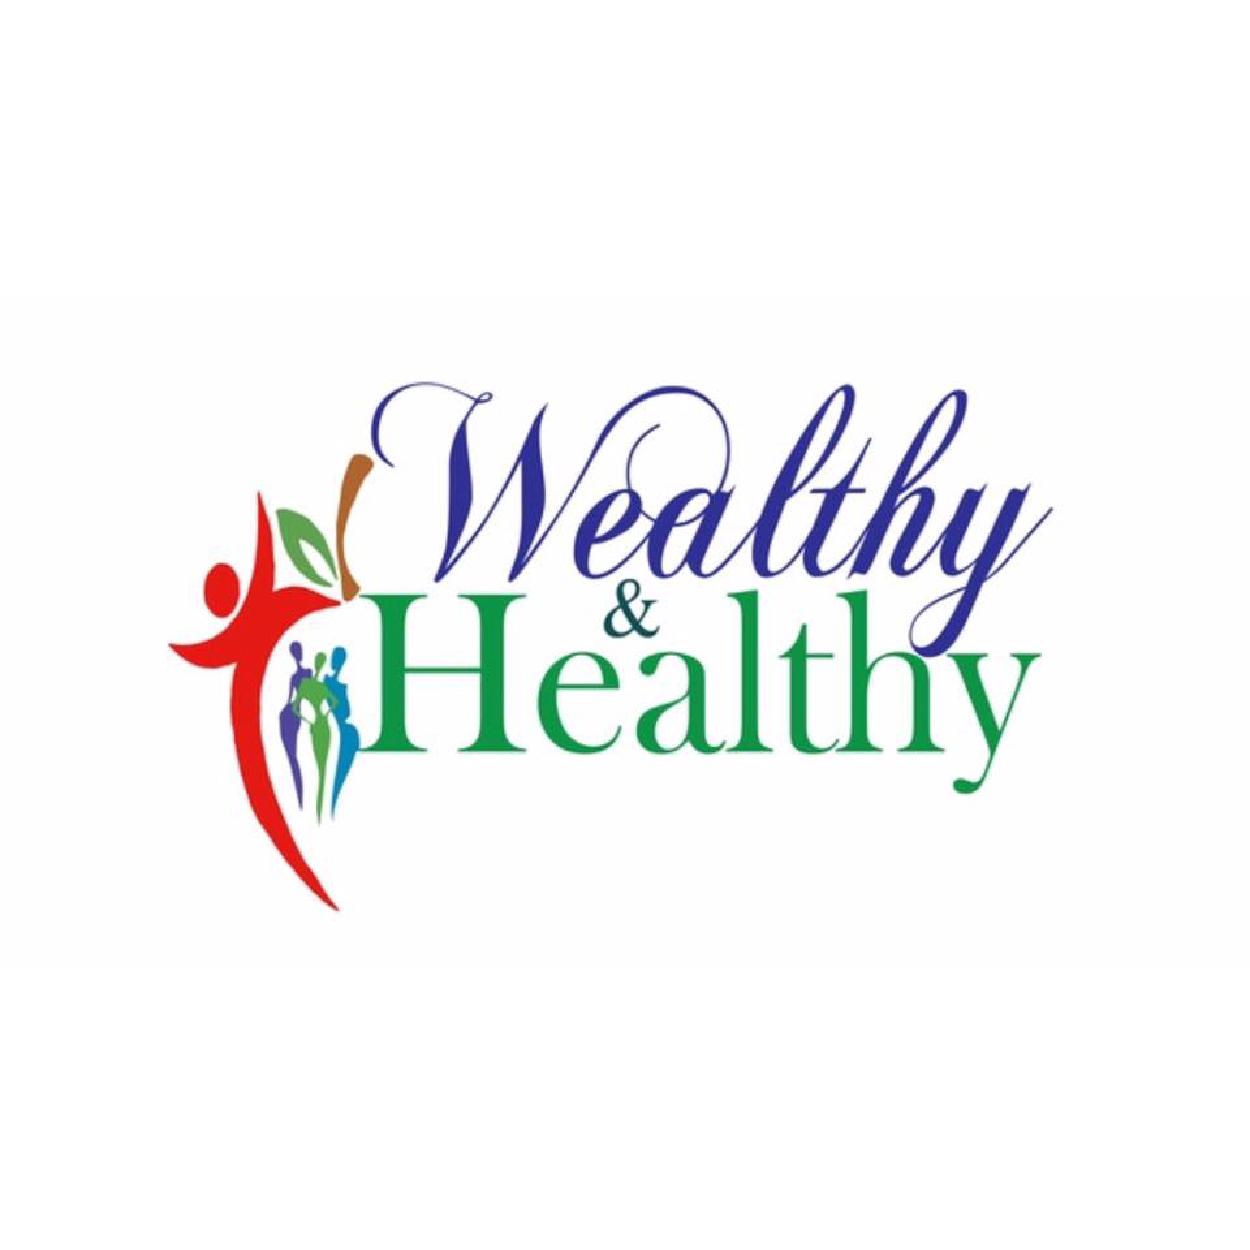 Wealthy & Healthy